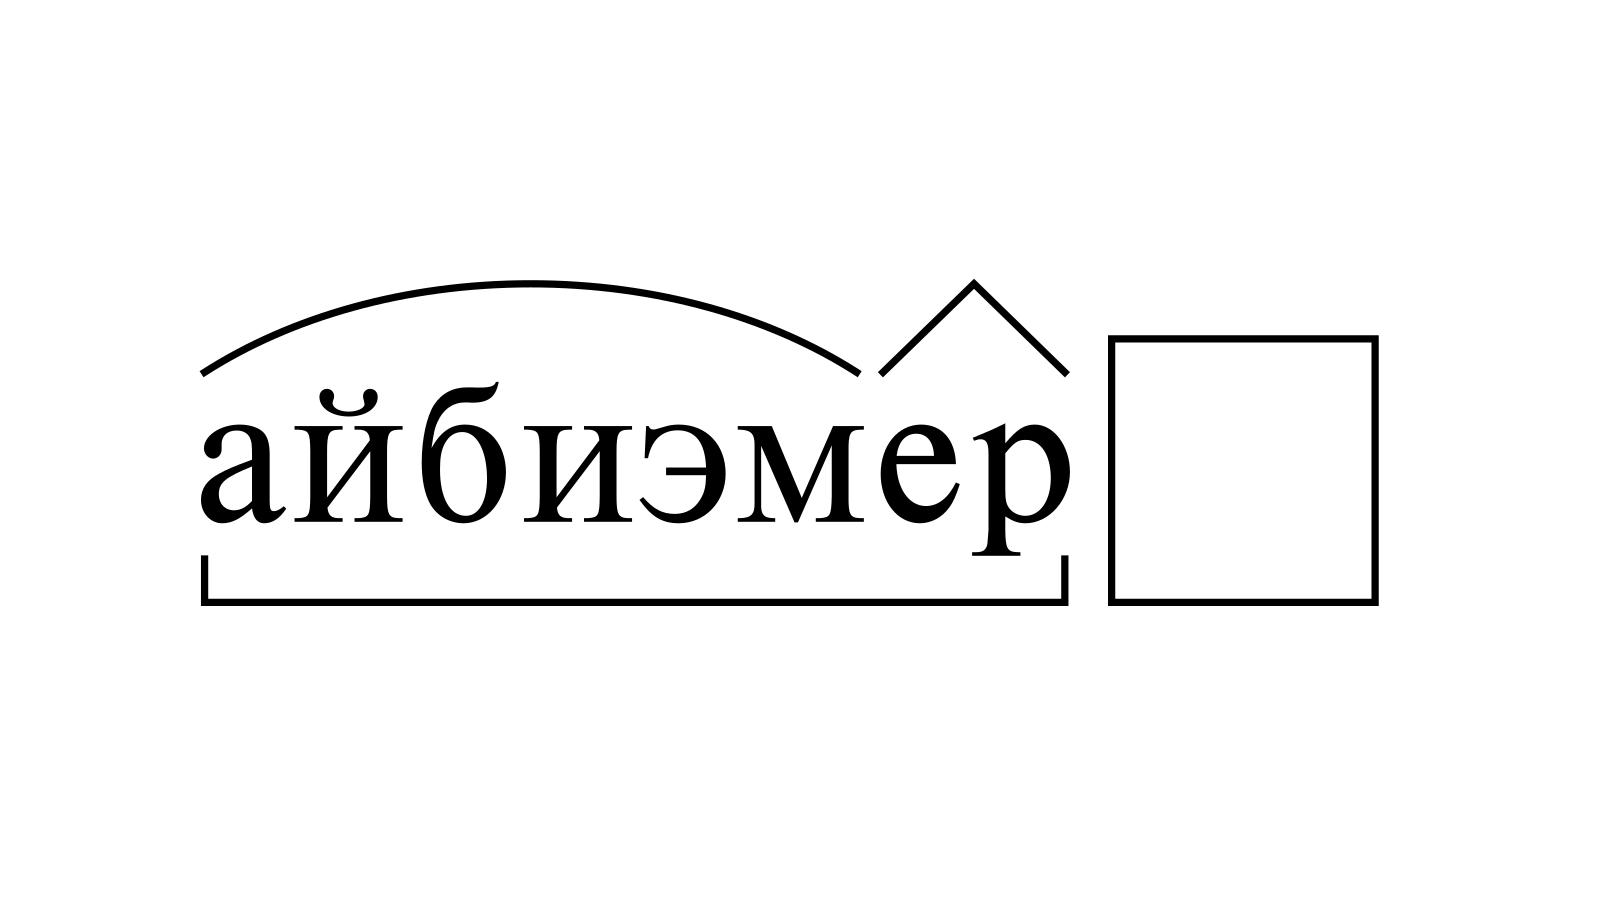 Разбор слова «айбиэмер» по составу